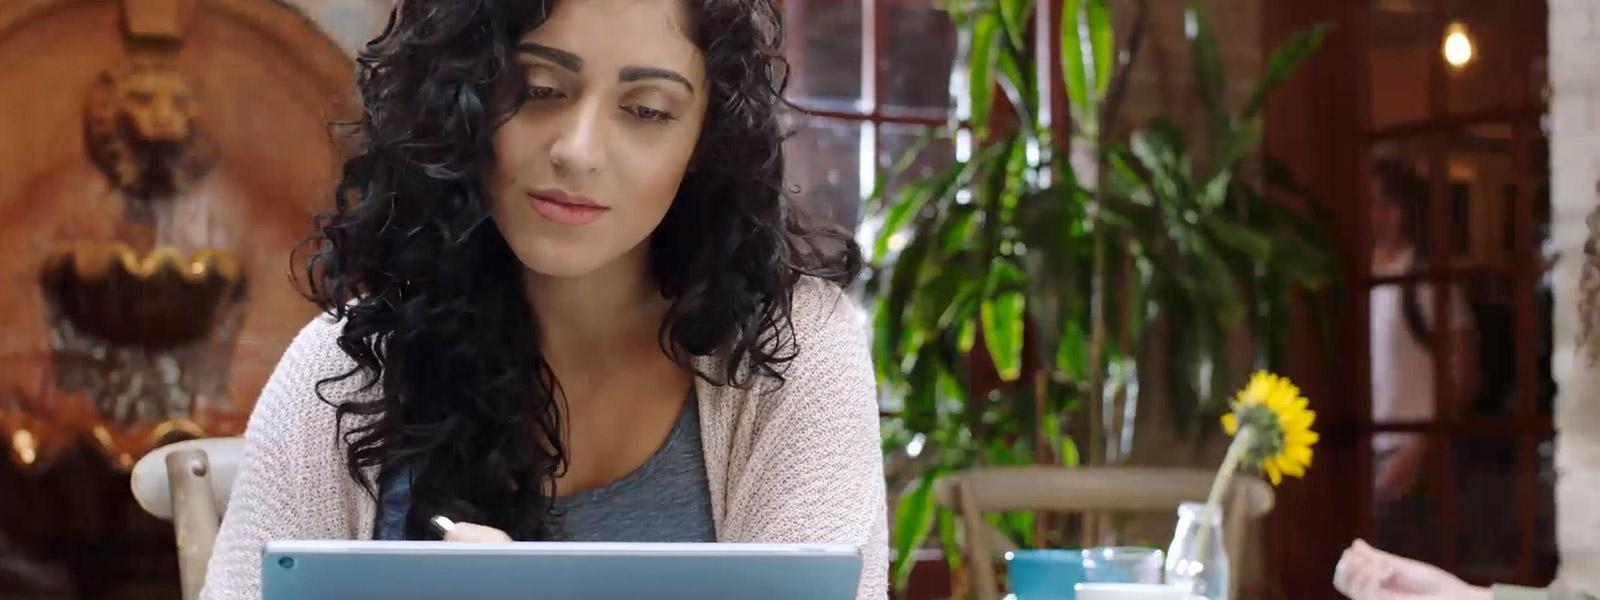 Písanie pomocou funkcie Windows Ink v systéme Windows 10